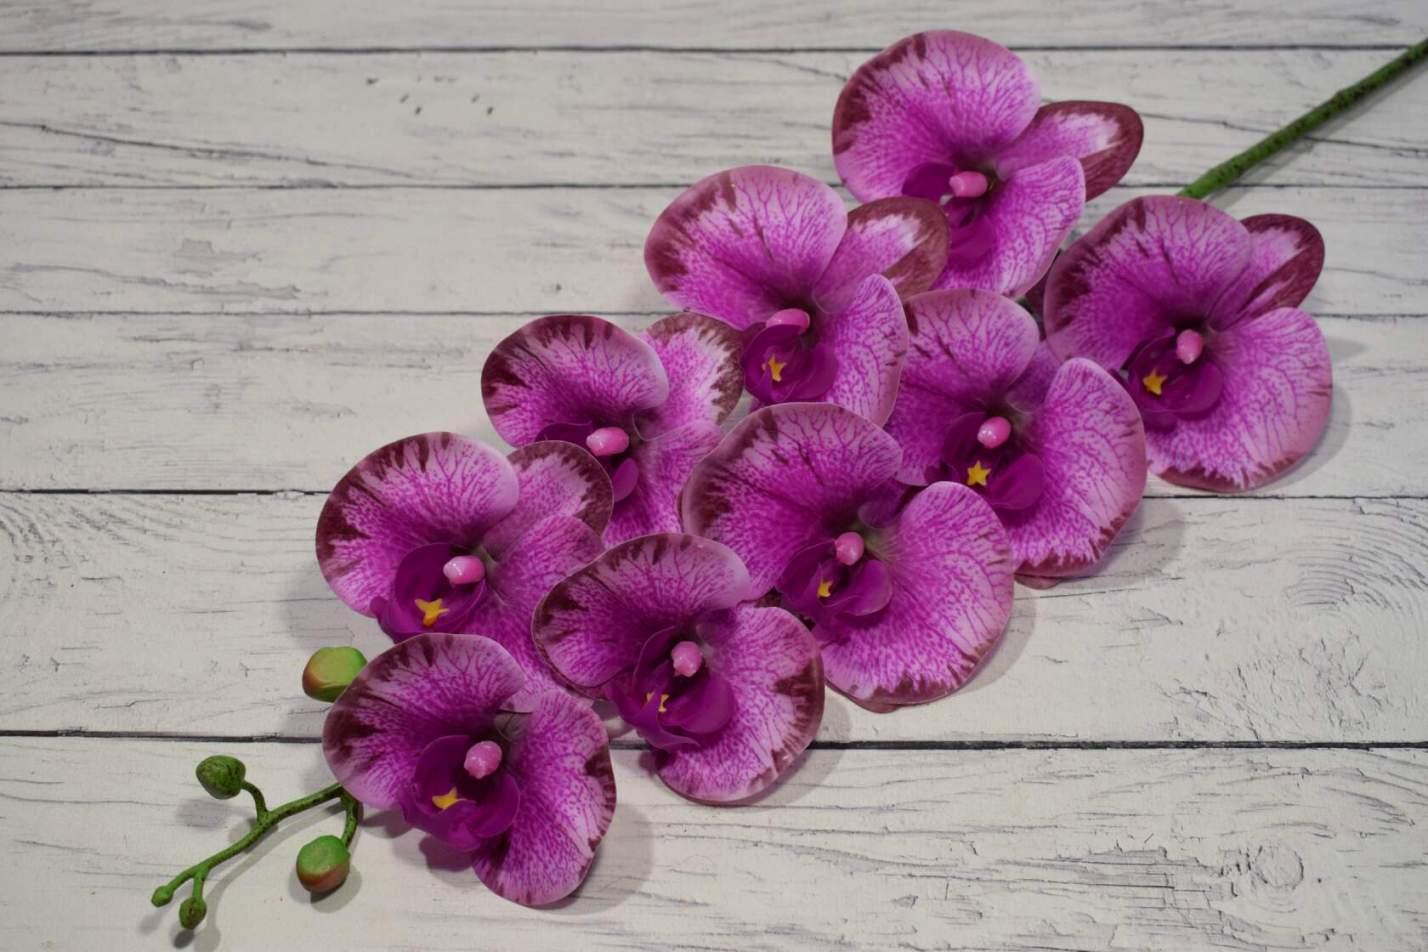 Поступили латексные орхидеи новых расцветок.